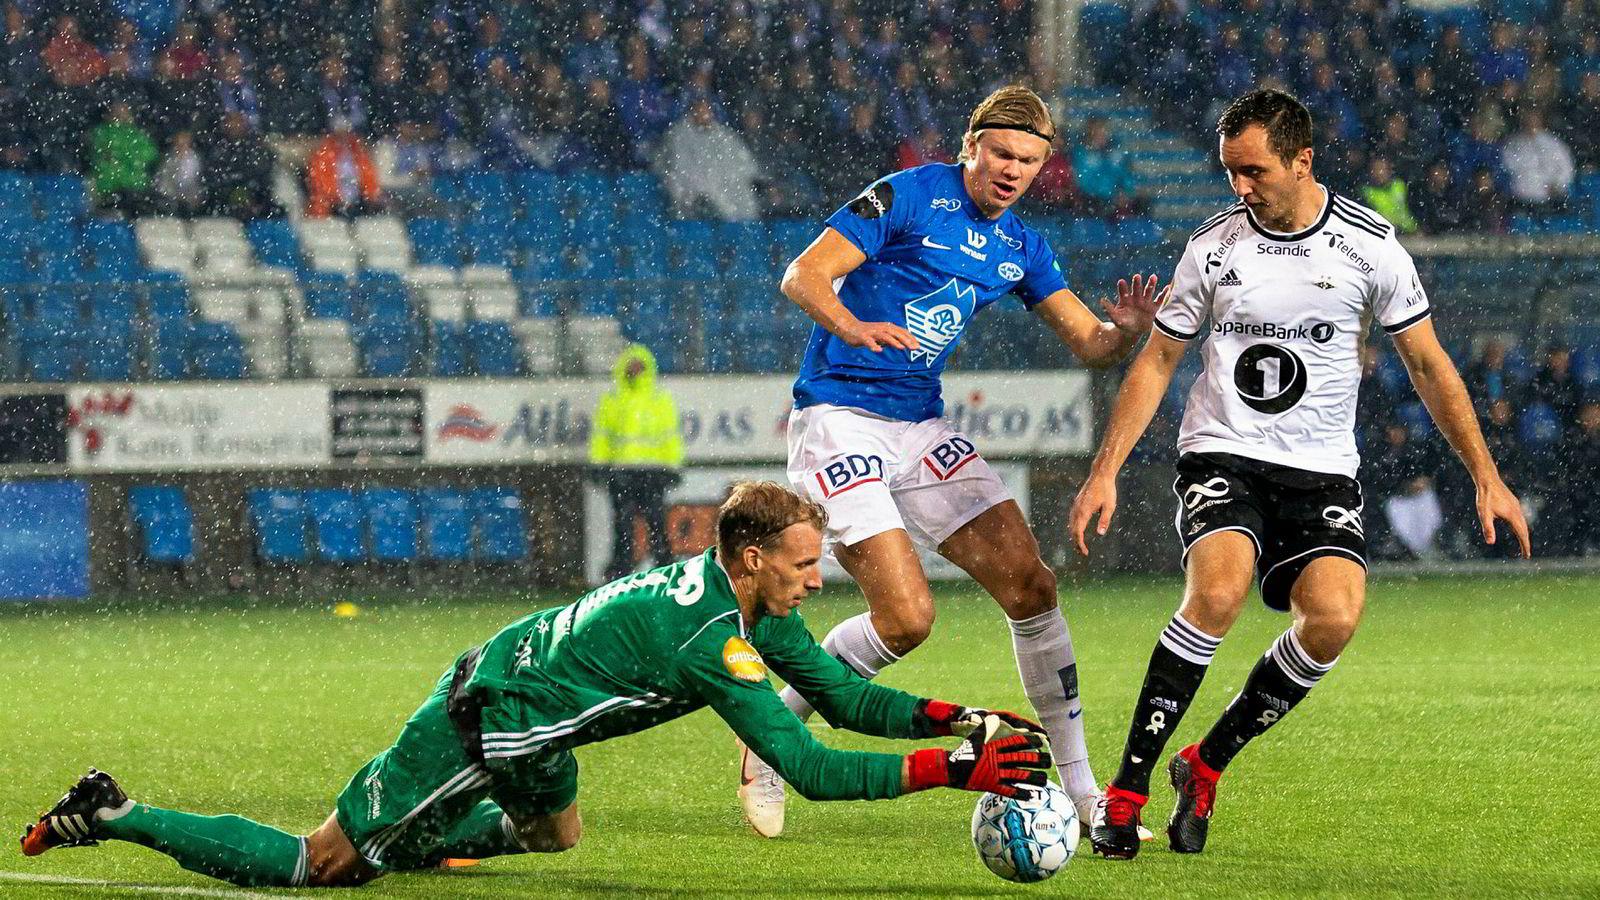 Flere eksperter mener seriegullet går til enten Rosenborg eller Molde i år. Her fra fjorårets kamp mellom de to fotballbyene. Rosenborgs keeper André Hansen (fra venstre) og Even Hovland i duell med daværende Molde-spiller Erling Braut Haaland.